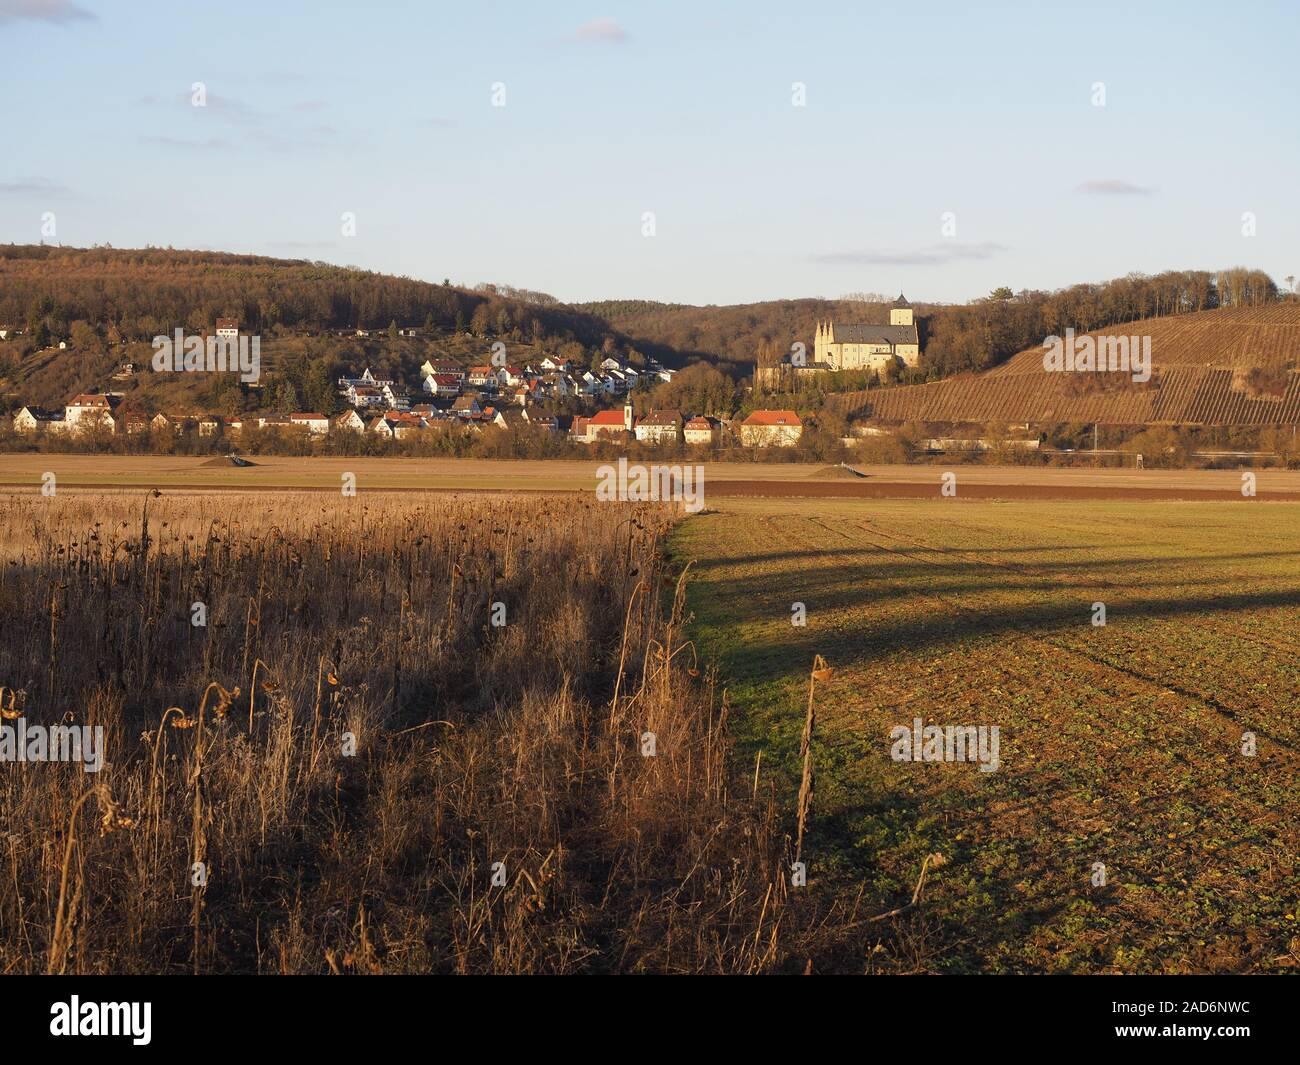 The Main valley near Schweinfurt am Main, Lower Franconia, Franconia, Bavaria, Germany Stock Photo